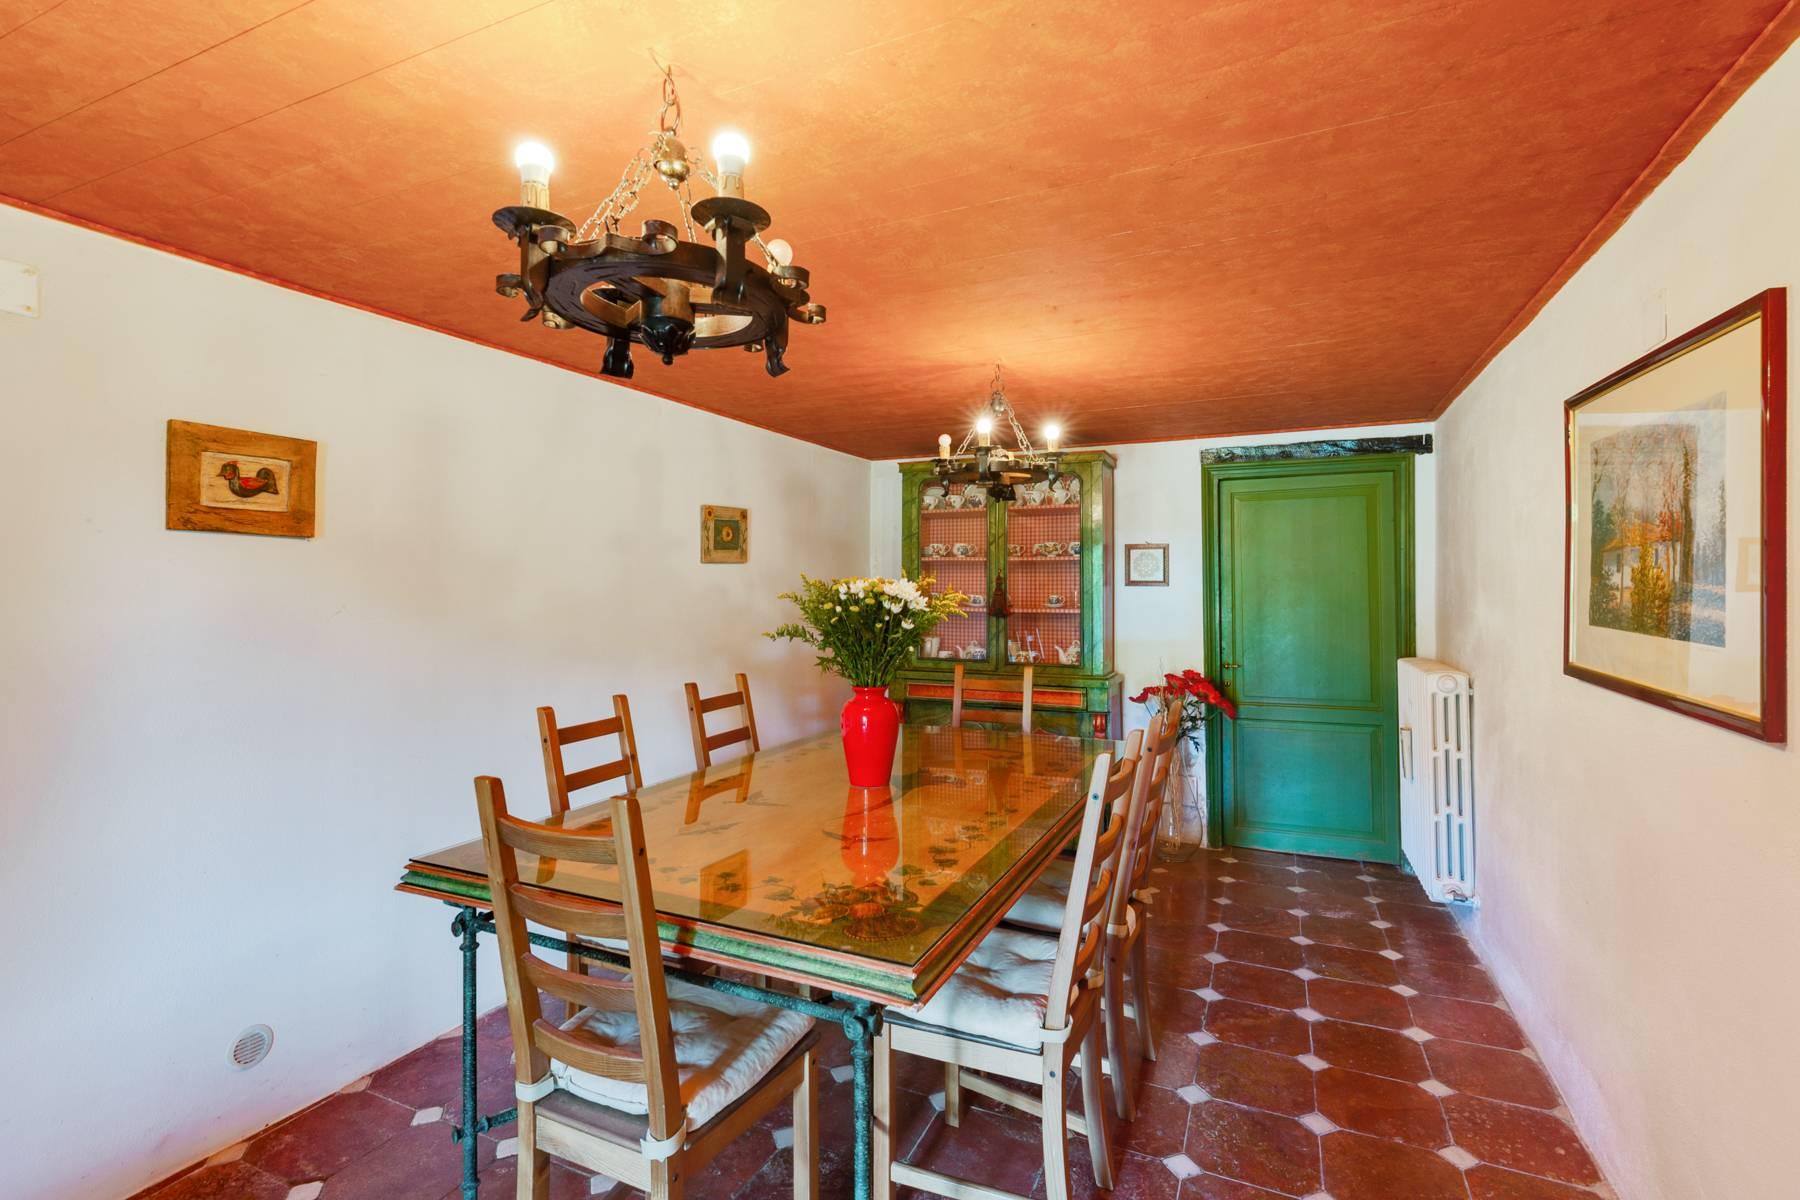 Rustico in Vendita a Orvieto: 5 locali, 484 mq - Foto 8